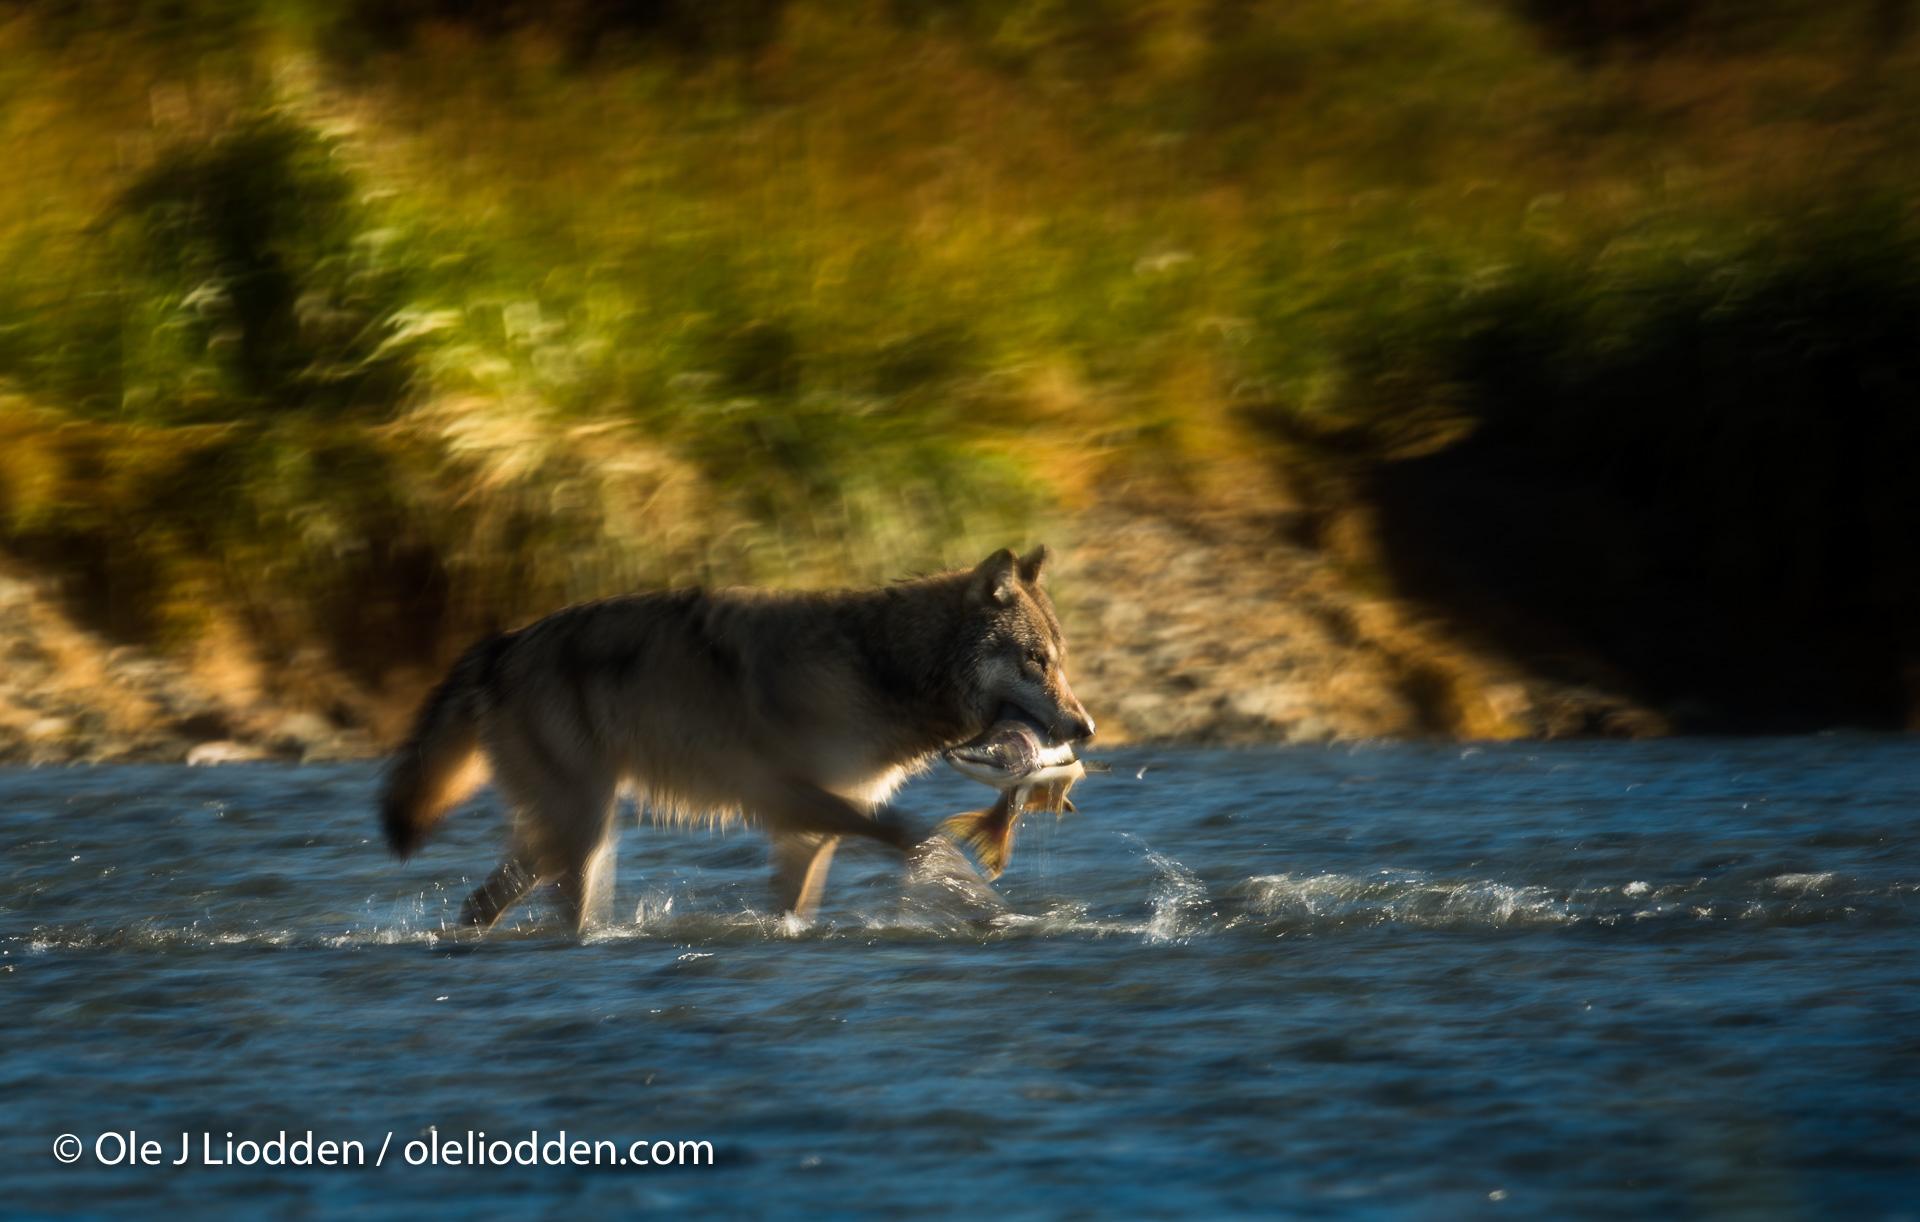 Fishing wolf